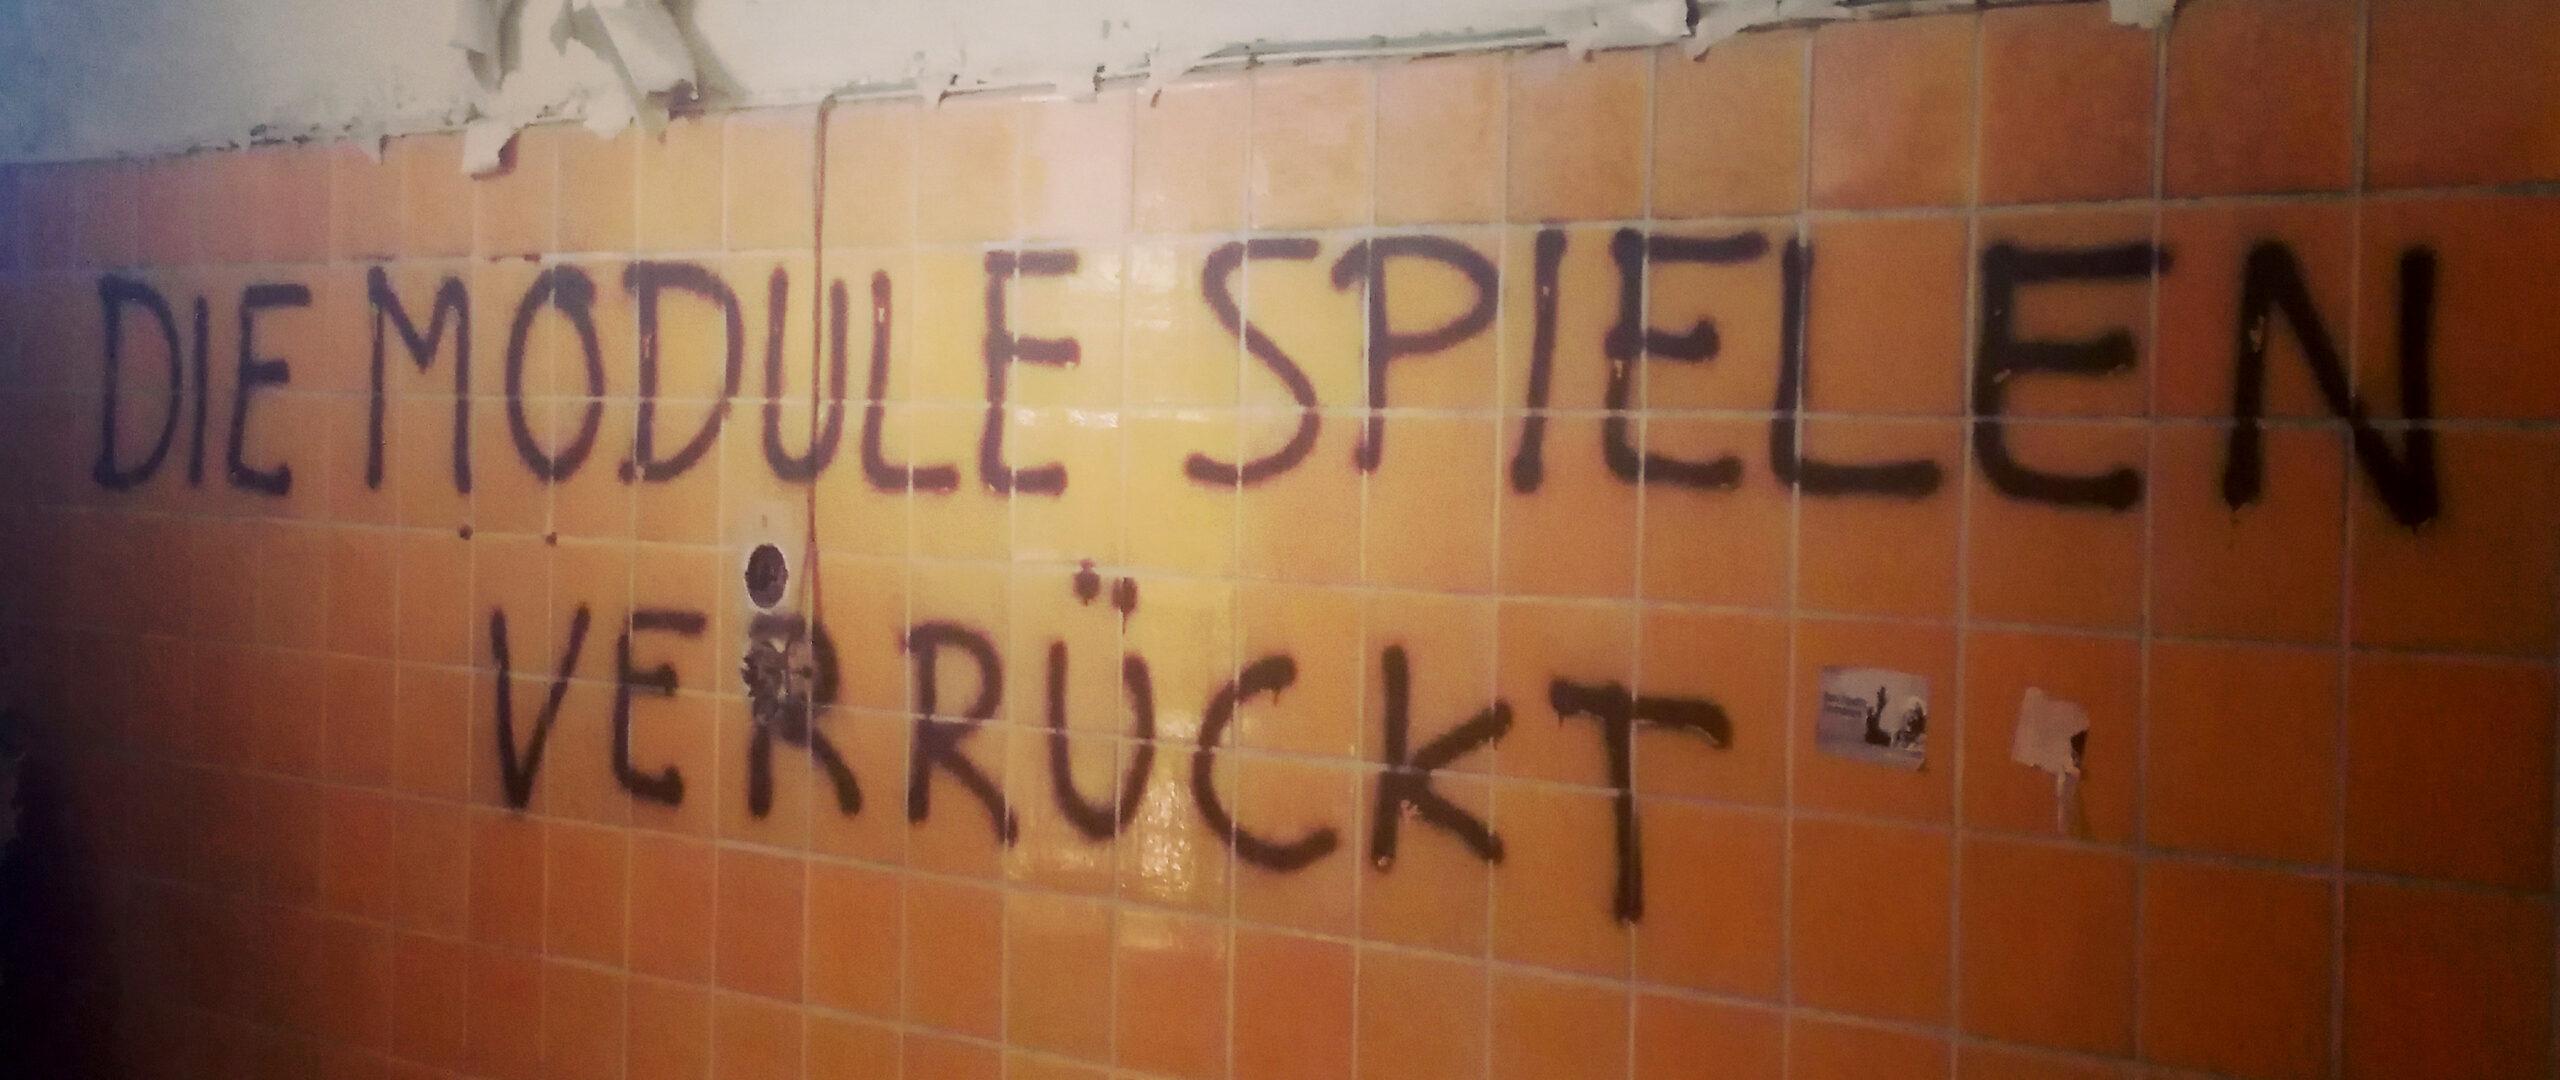 """Graffito """"DIE MODULE SPIELEN VERRÜCKT"""" in Beelitze Heilstätten"""